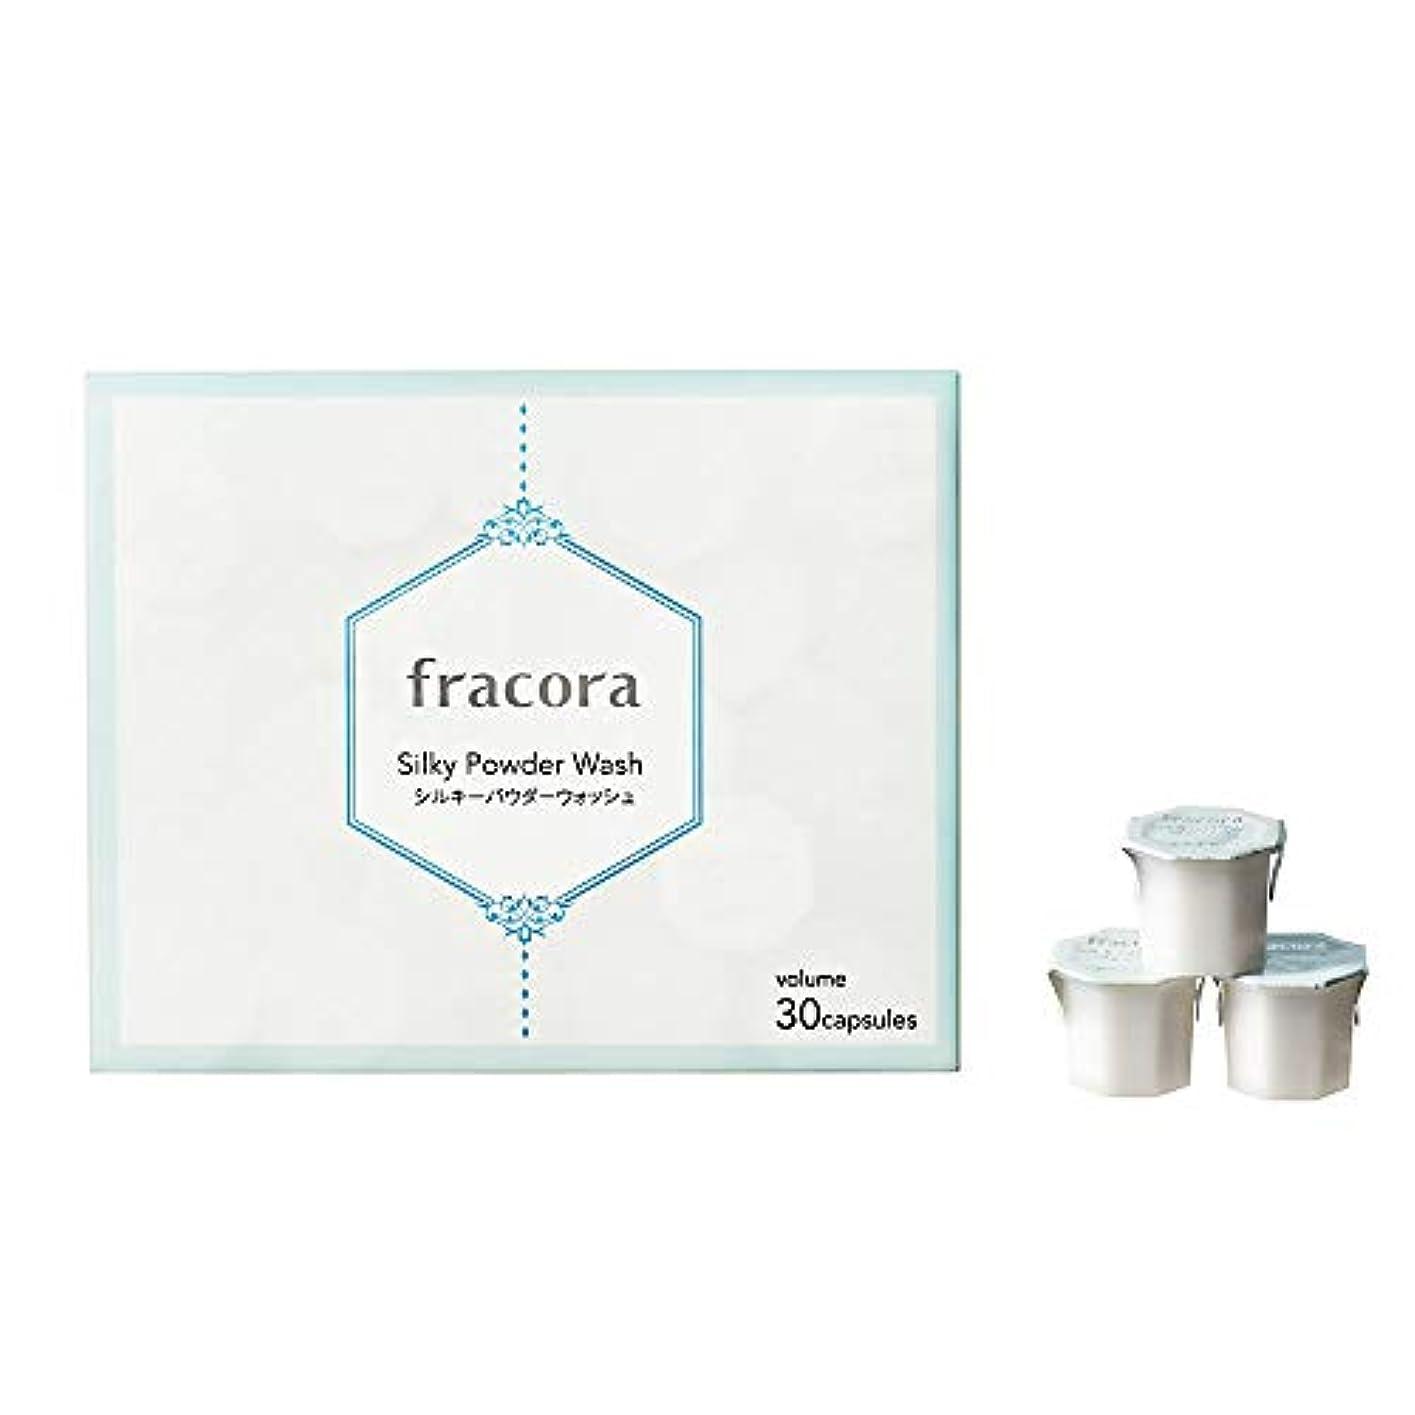 引き金雇用者成功したfracora(フラコラ) 酵素洗顔 シルキーパウダーウォッシュ 30カプセル入